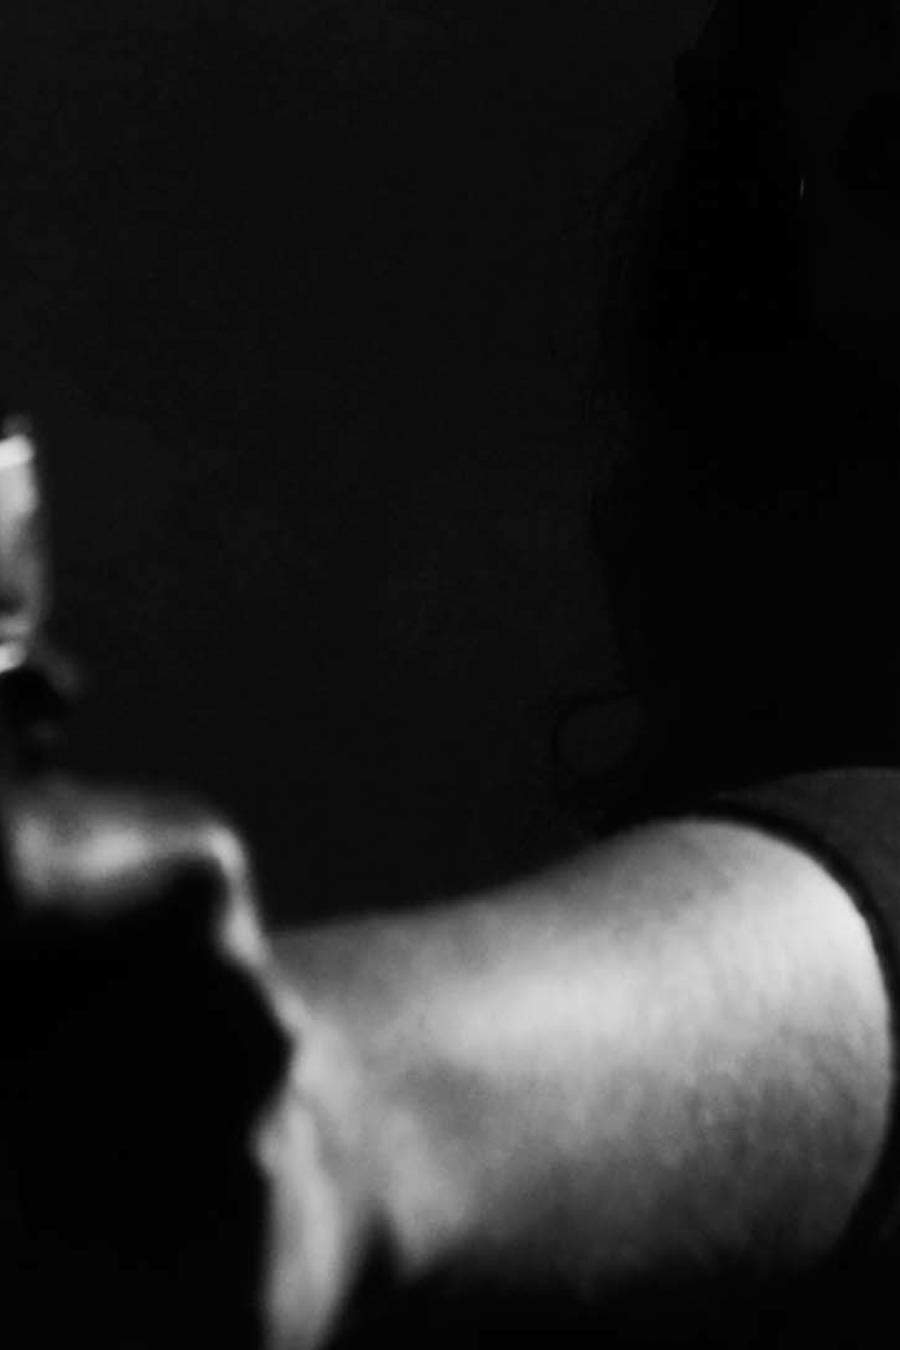 Una mujer dispara un arma de fuego